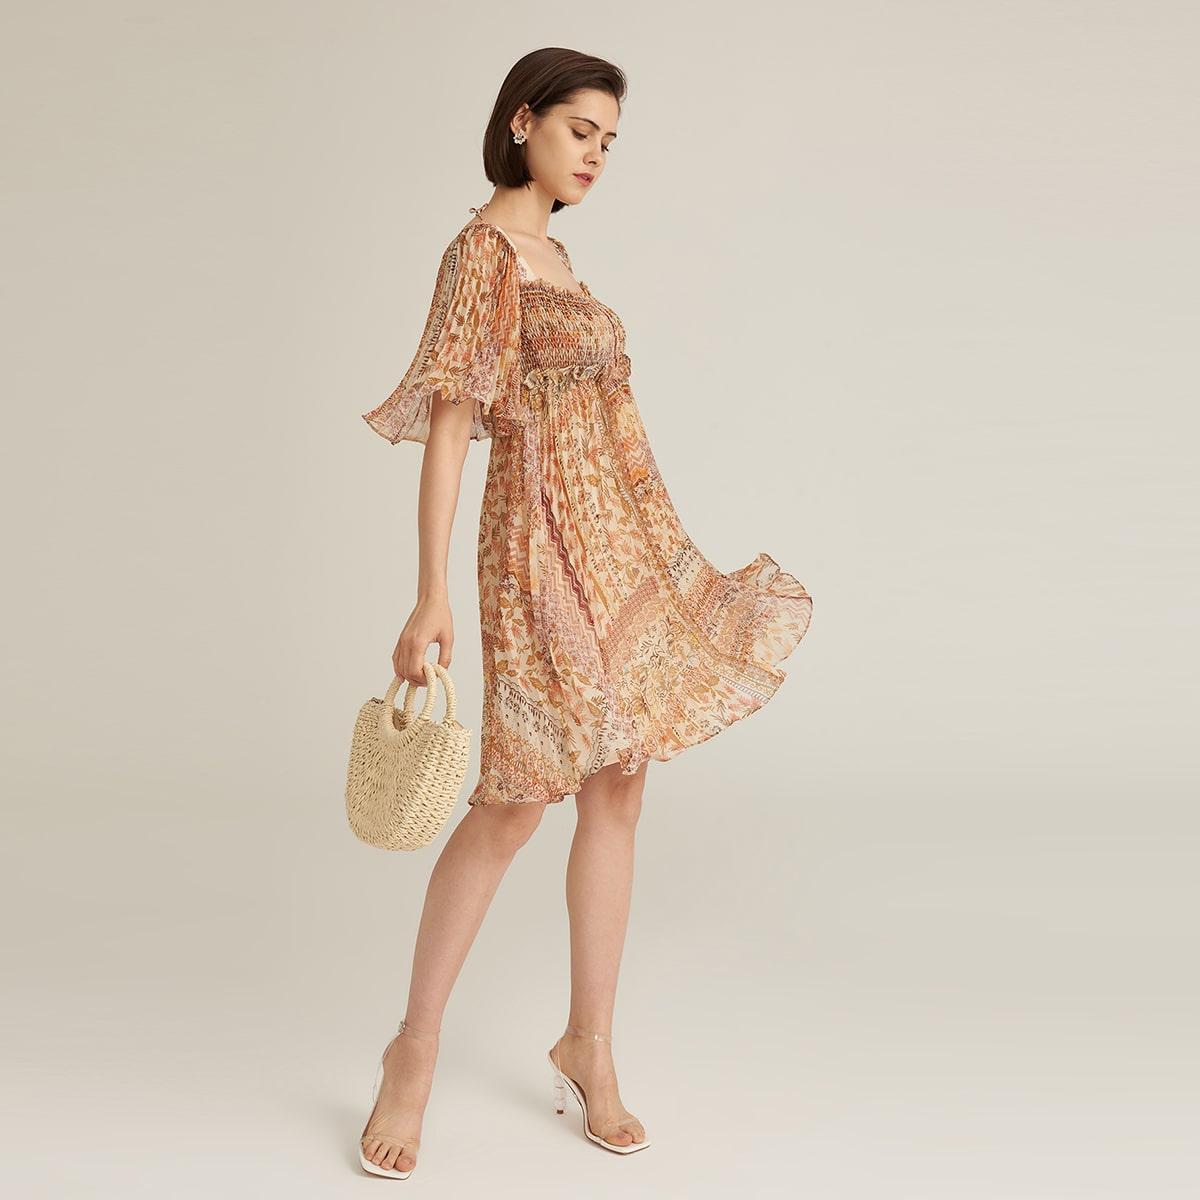 Chiffon Kleid mit quadratischem Kragen, Flicken und Falten